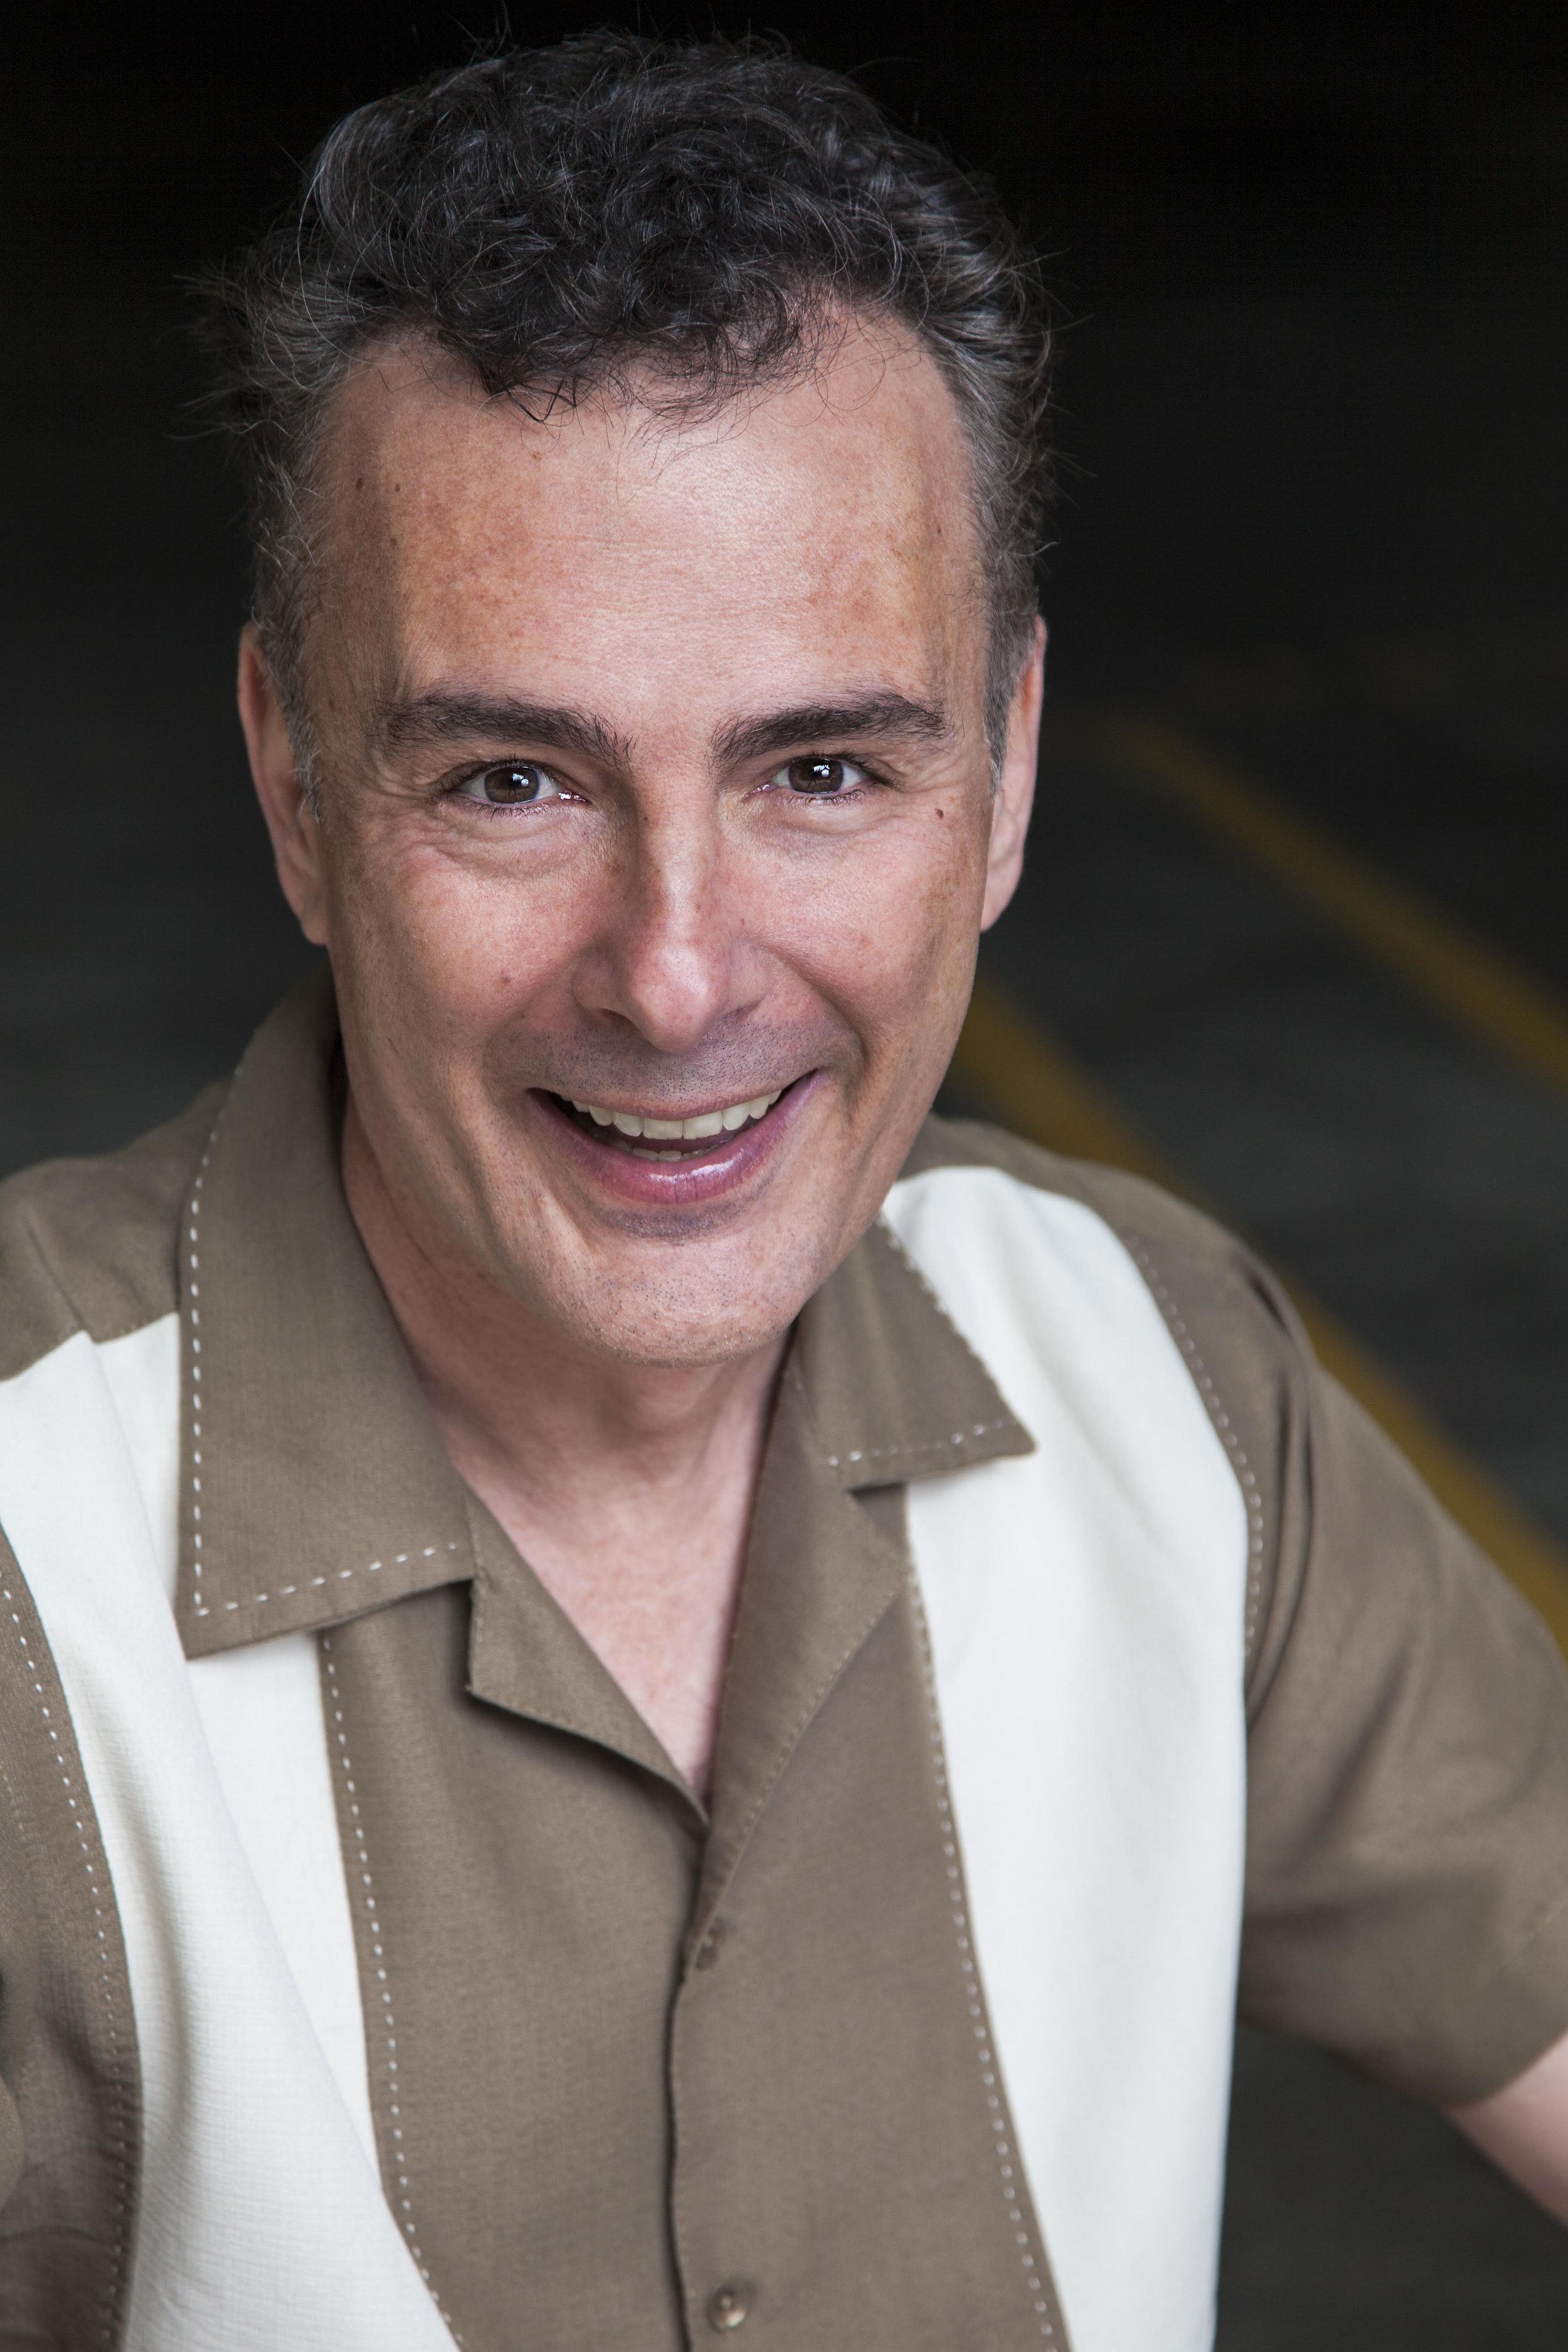 David Bonanno Headshot.jpg